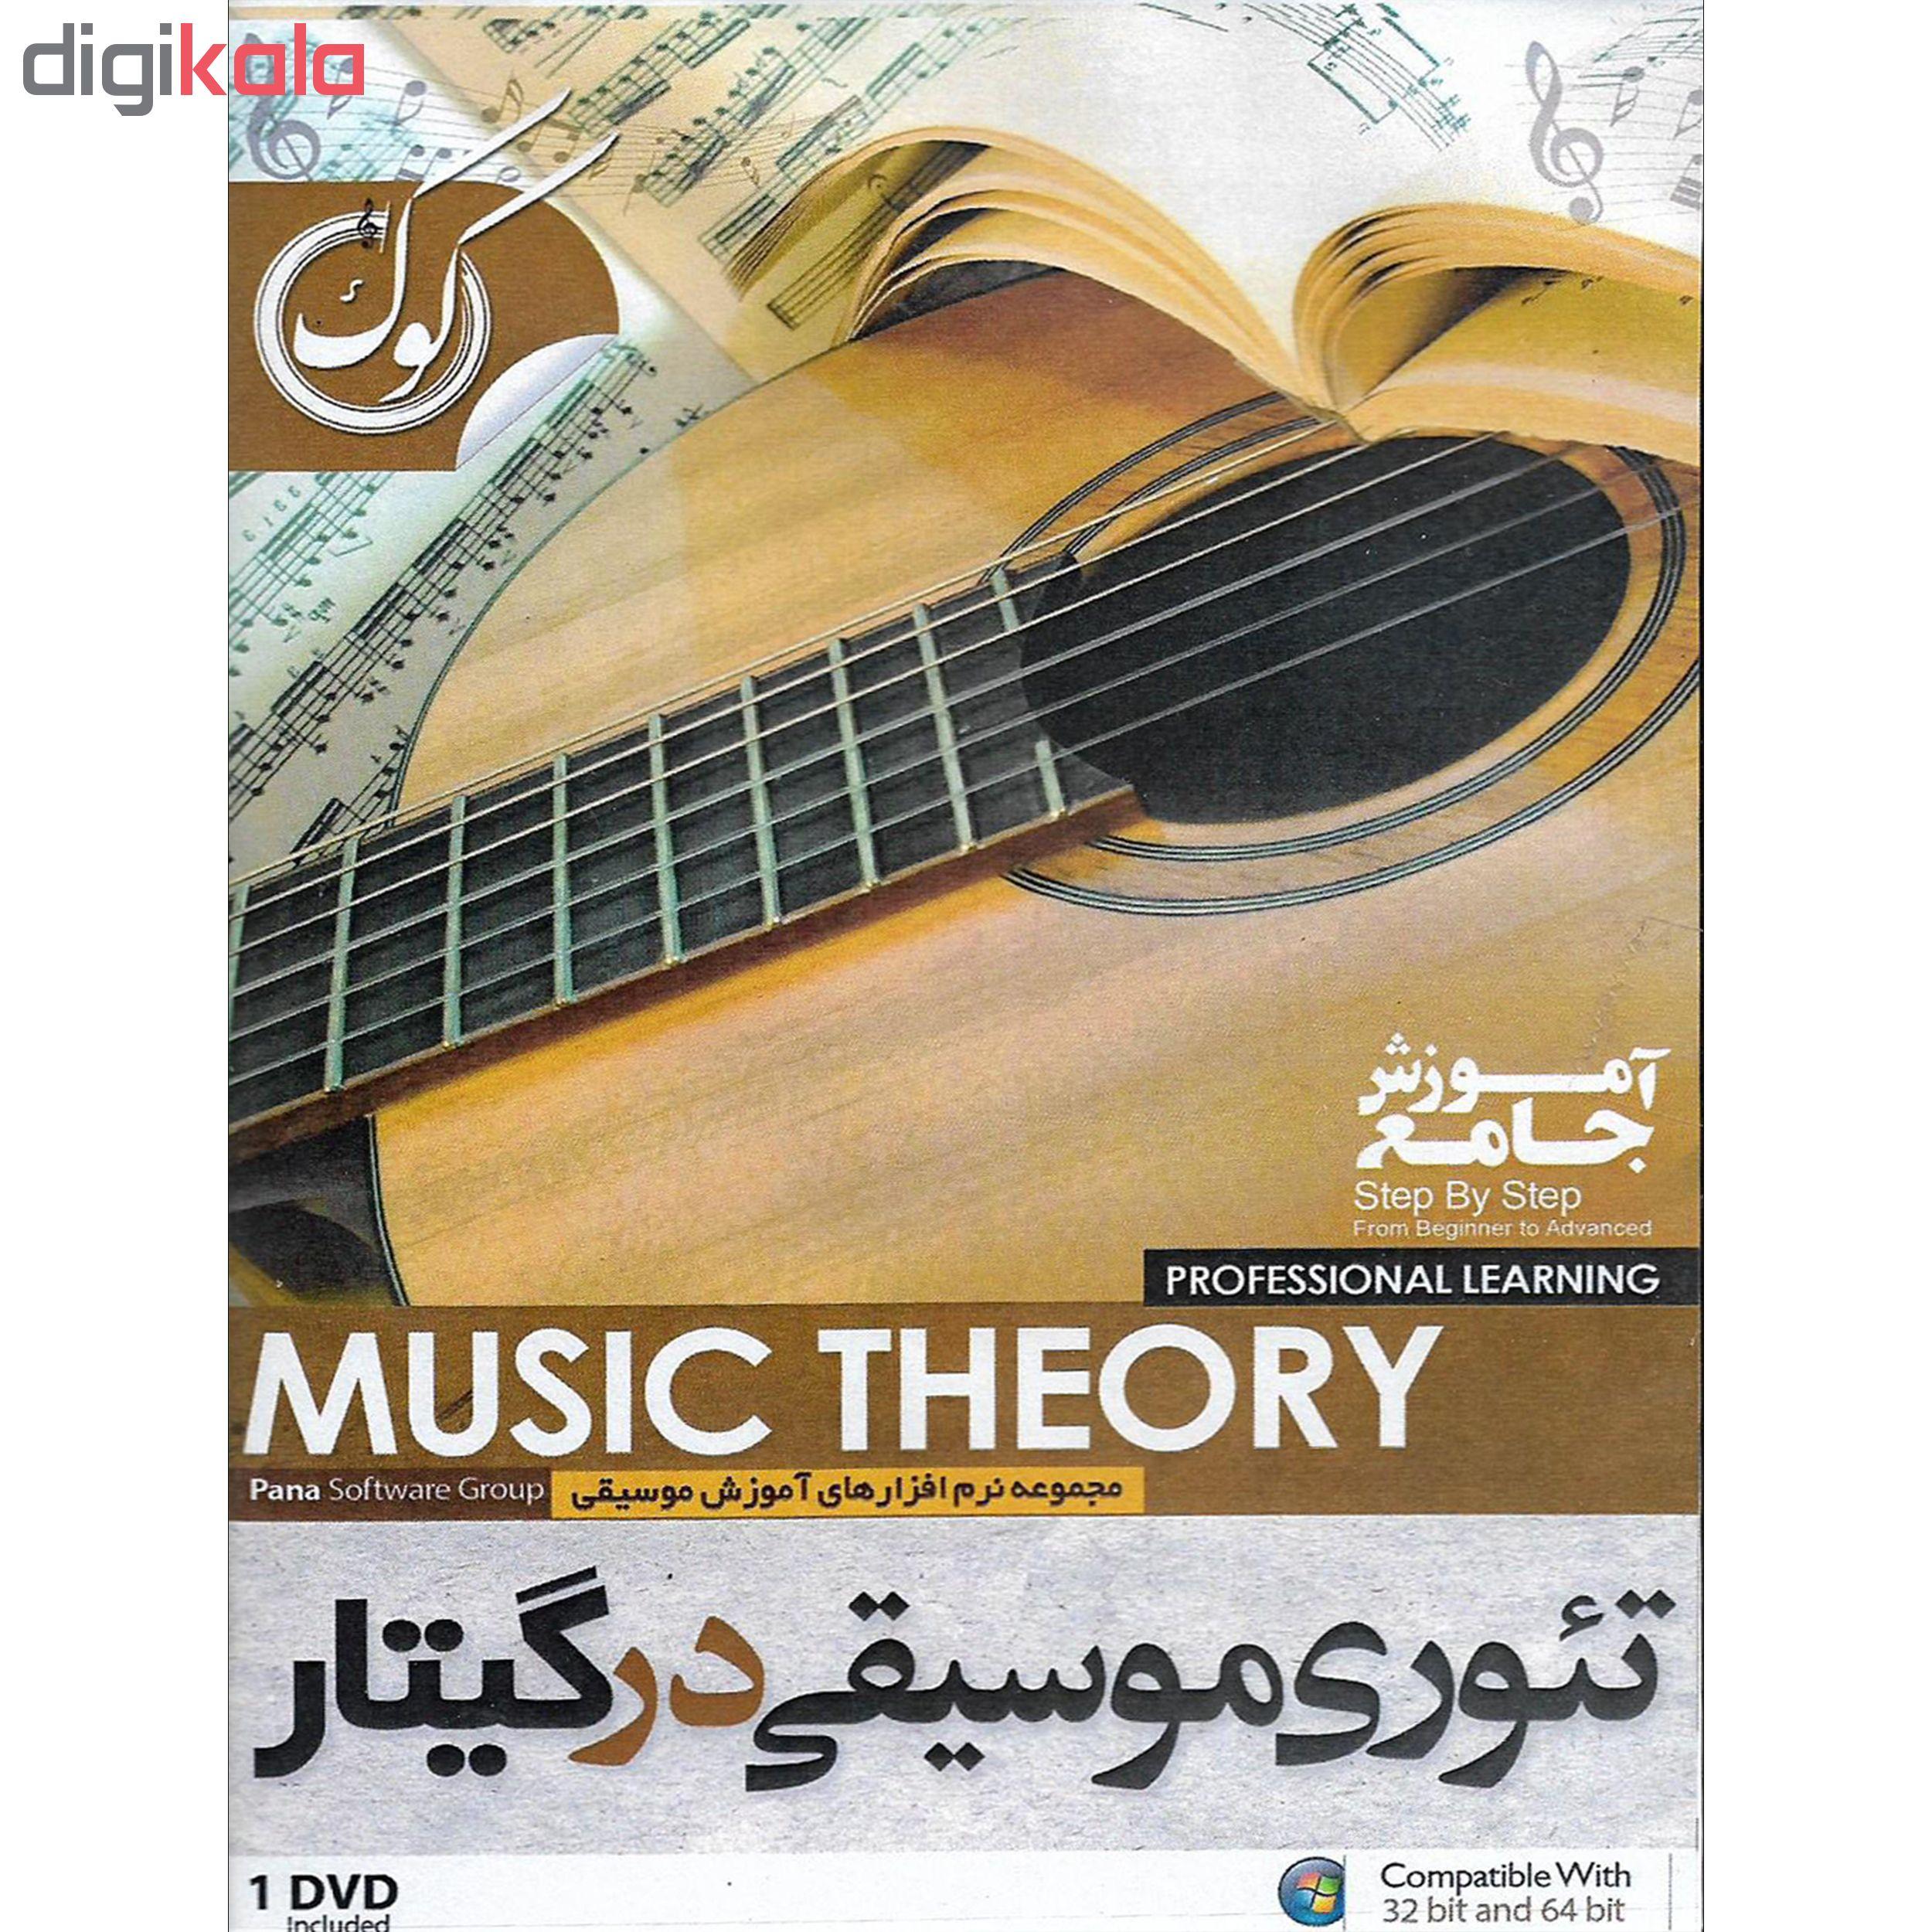 نرم افزار آموزش گیتار در 21 روز نشر الکترونیک پانا به همراه نرم افزار آموزش تئوری موسیقی در گیتار نشر الکترونیک پانا